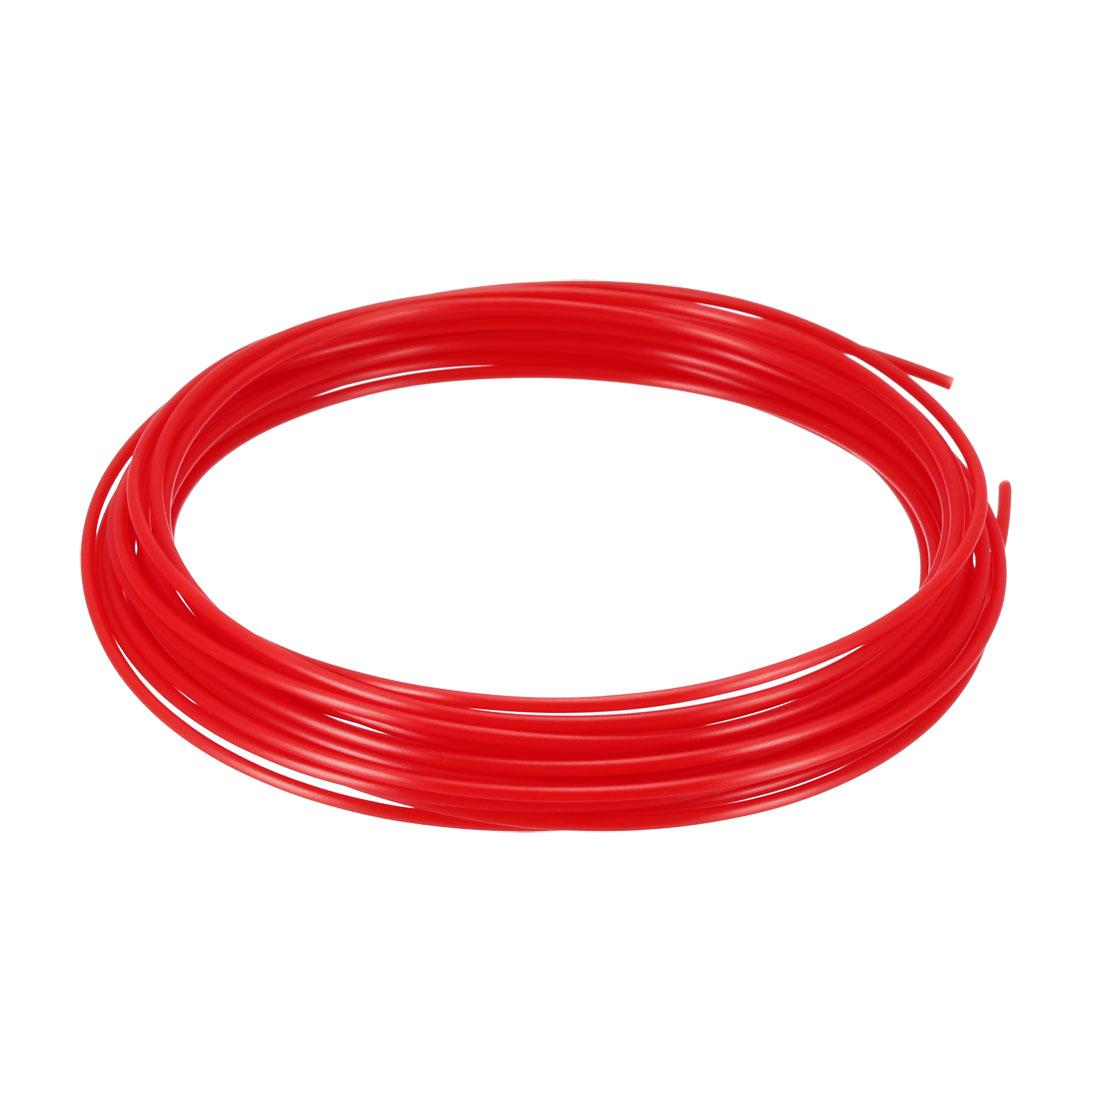 5 Meter/16 Ft ABS 3D Pen/3D Printer Filament, 1.75 mm Red